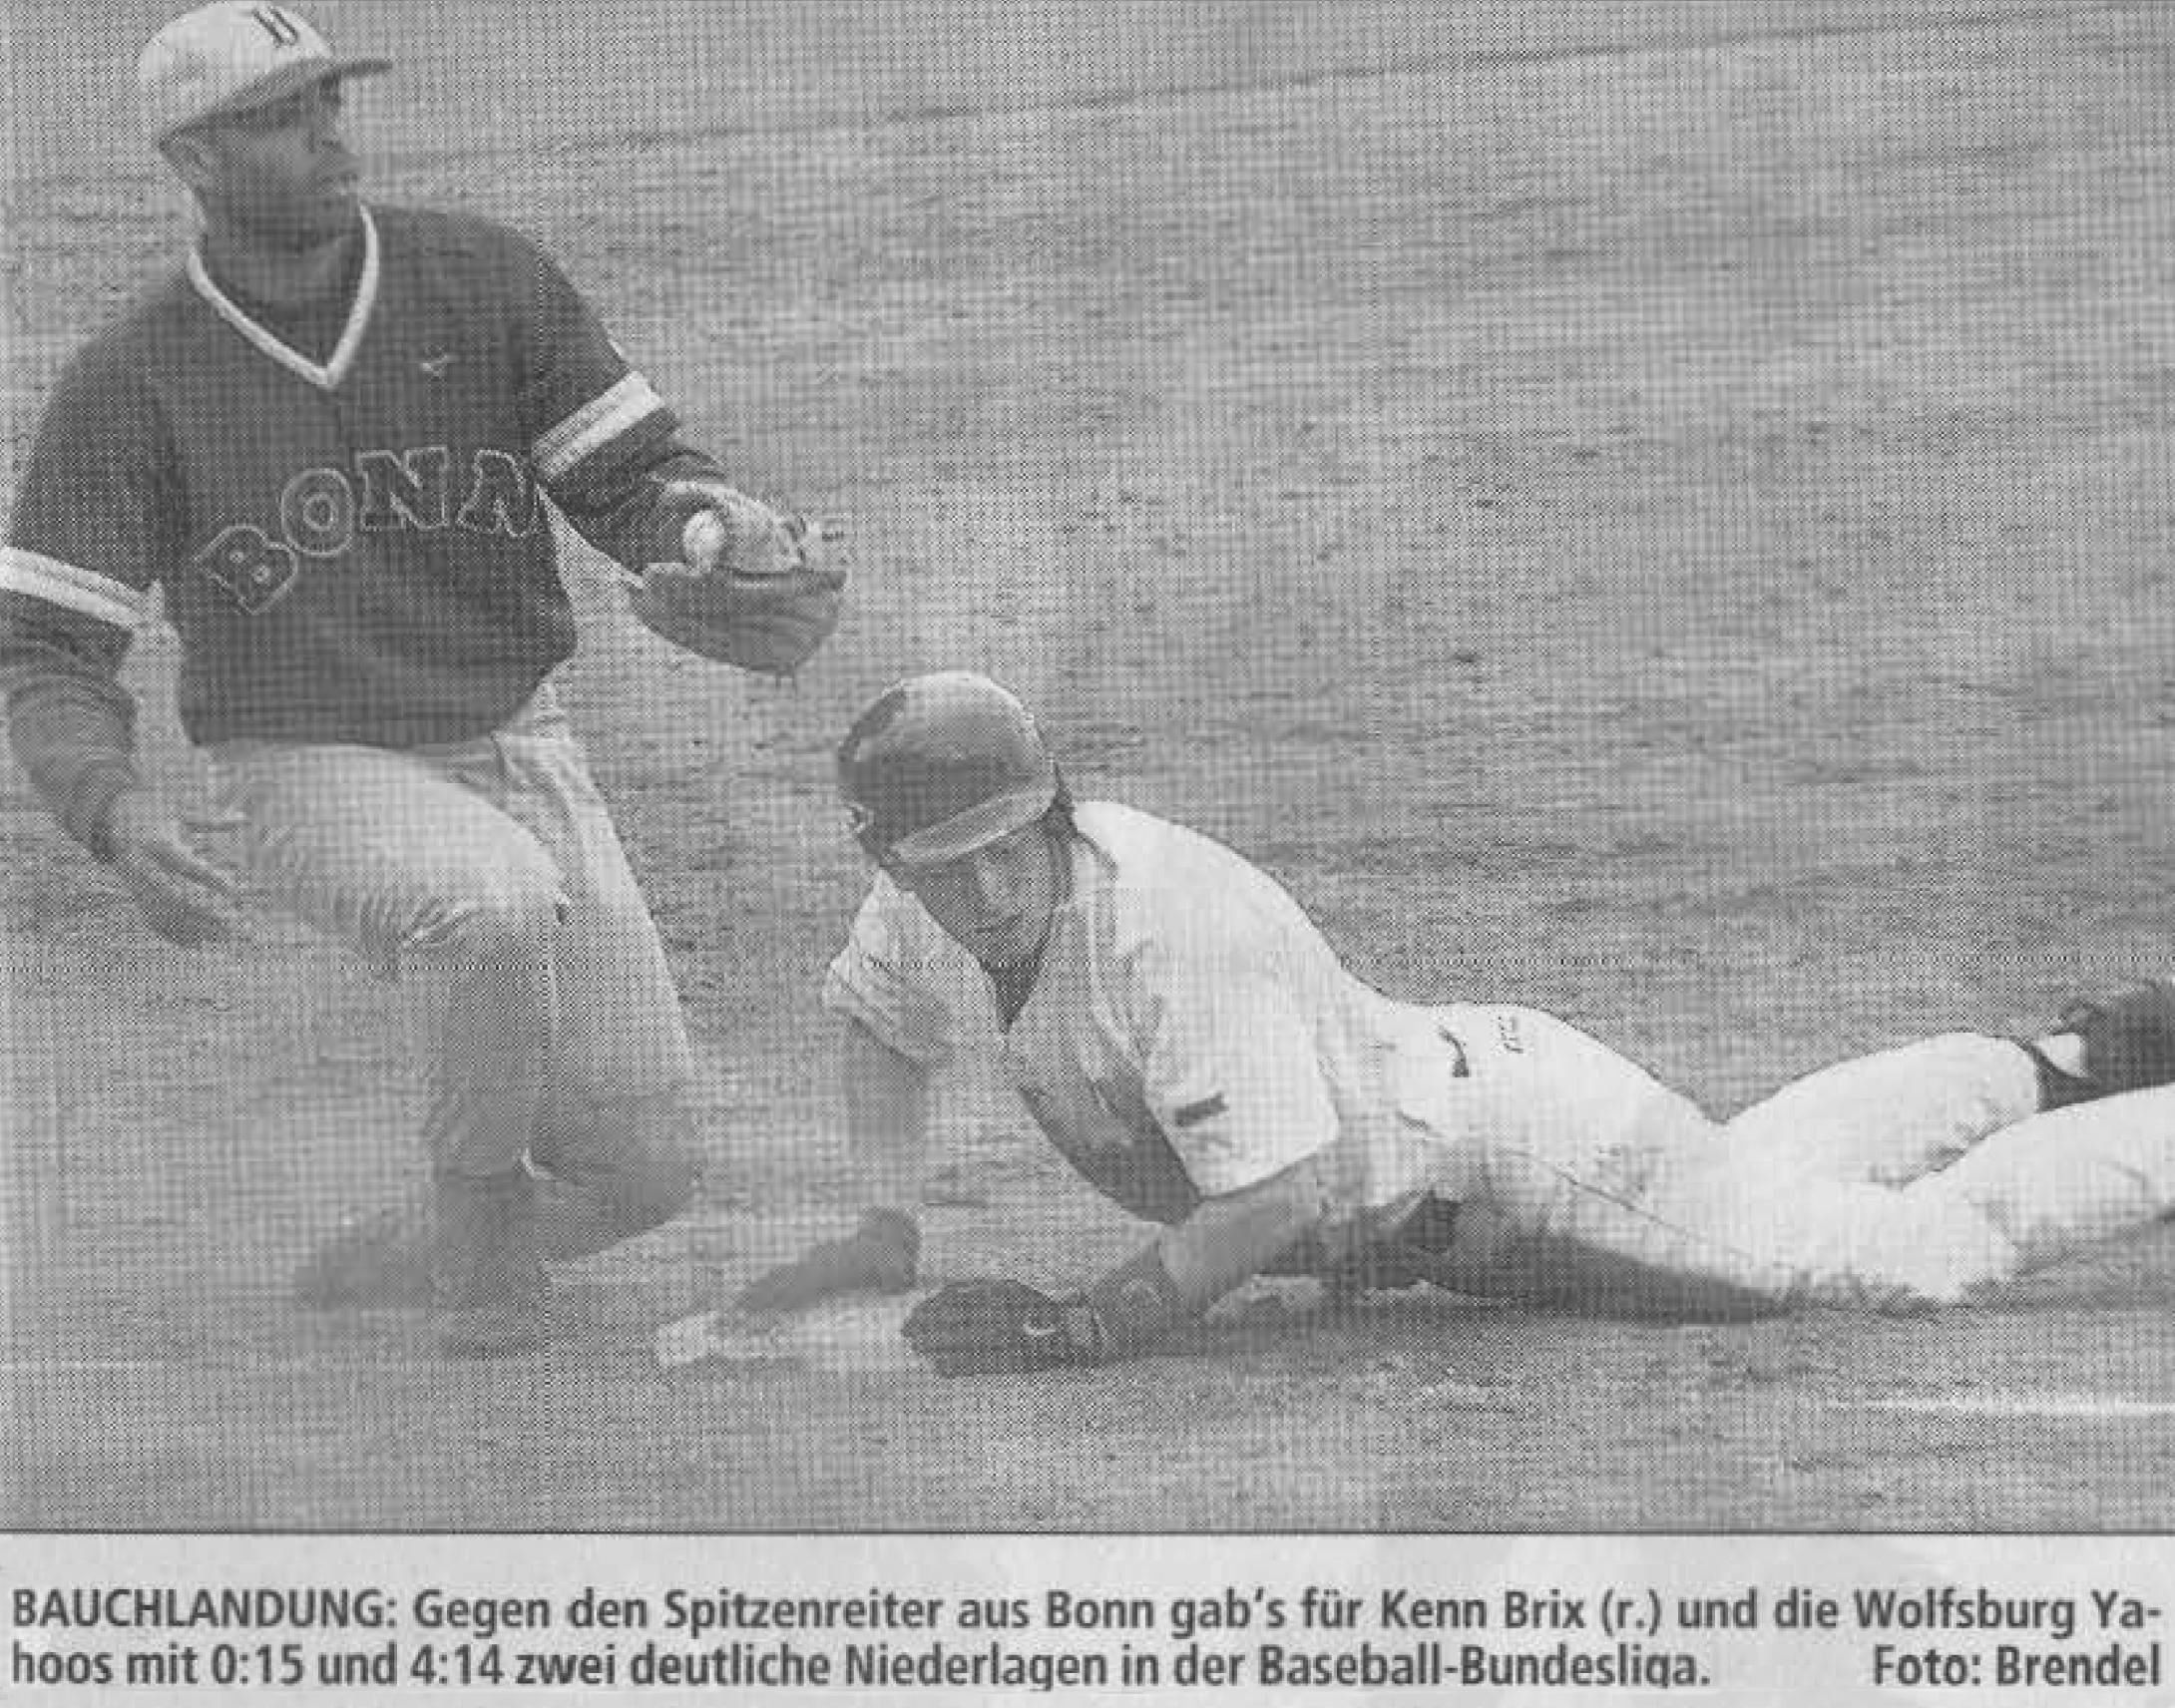 BAUCHLANDUNG: Gegen den Spitzenreiter aus Bonn gab's für Kenn Brix (r.) und die Wolfsburg Yahoos mit 0:15 und 4:14 zwei deutliche Niederlagen in der Baseball-Bundesliga. Foto: Brendel